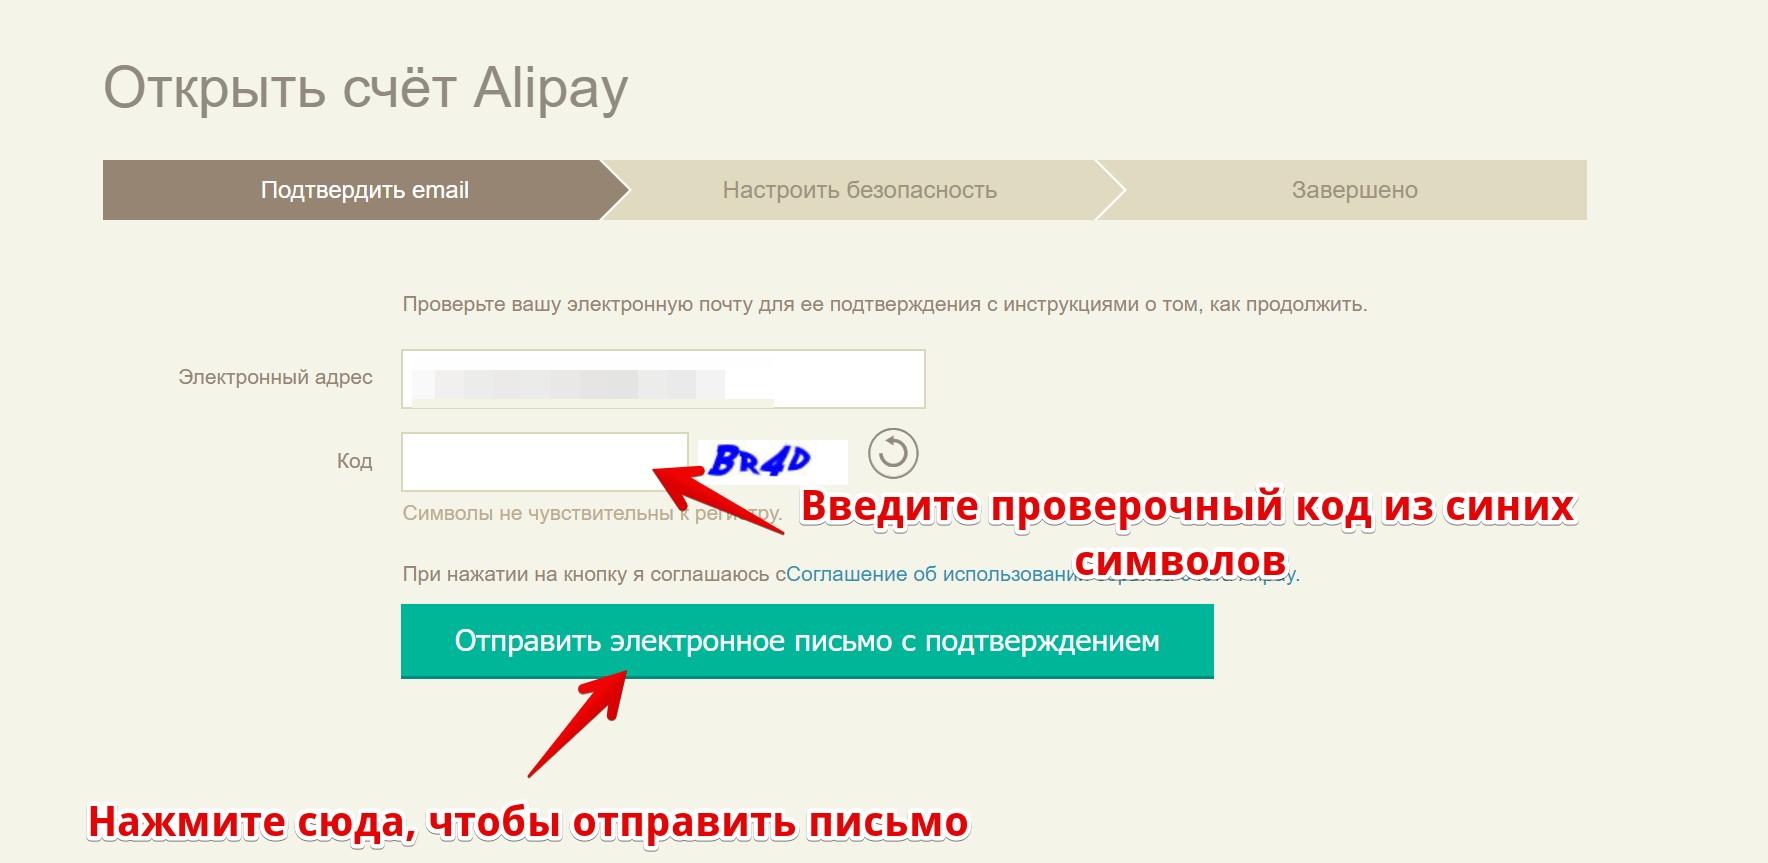 Открыть счет в алипэй регистрация ШАГ 1